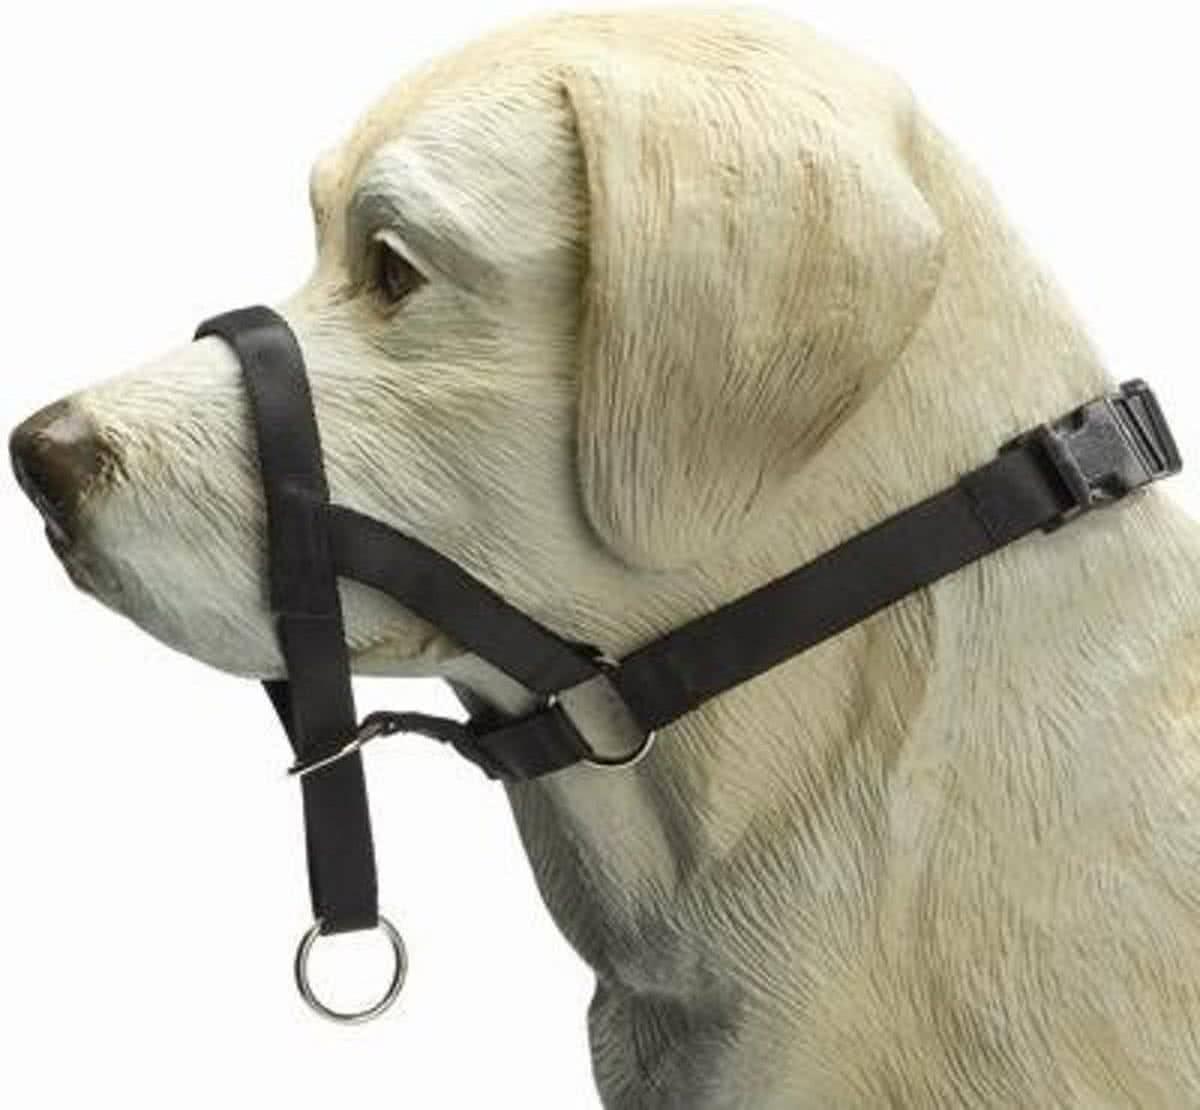 Уздечка и недоуздок для лошади: описание, фото